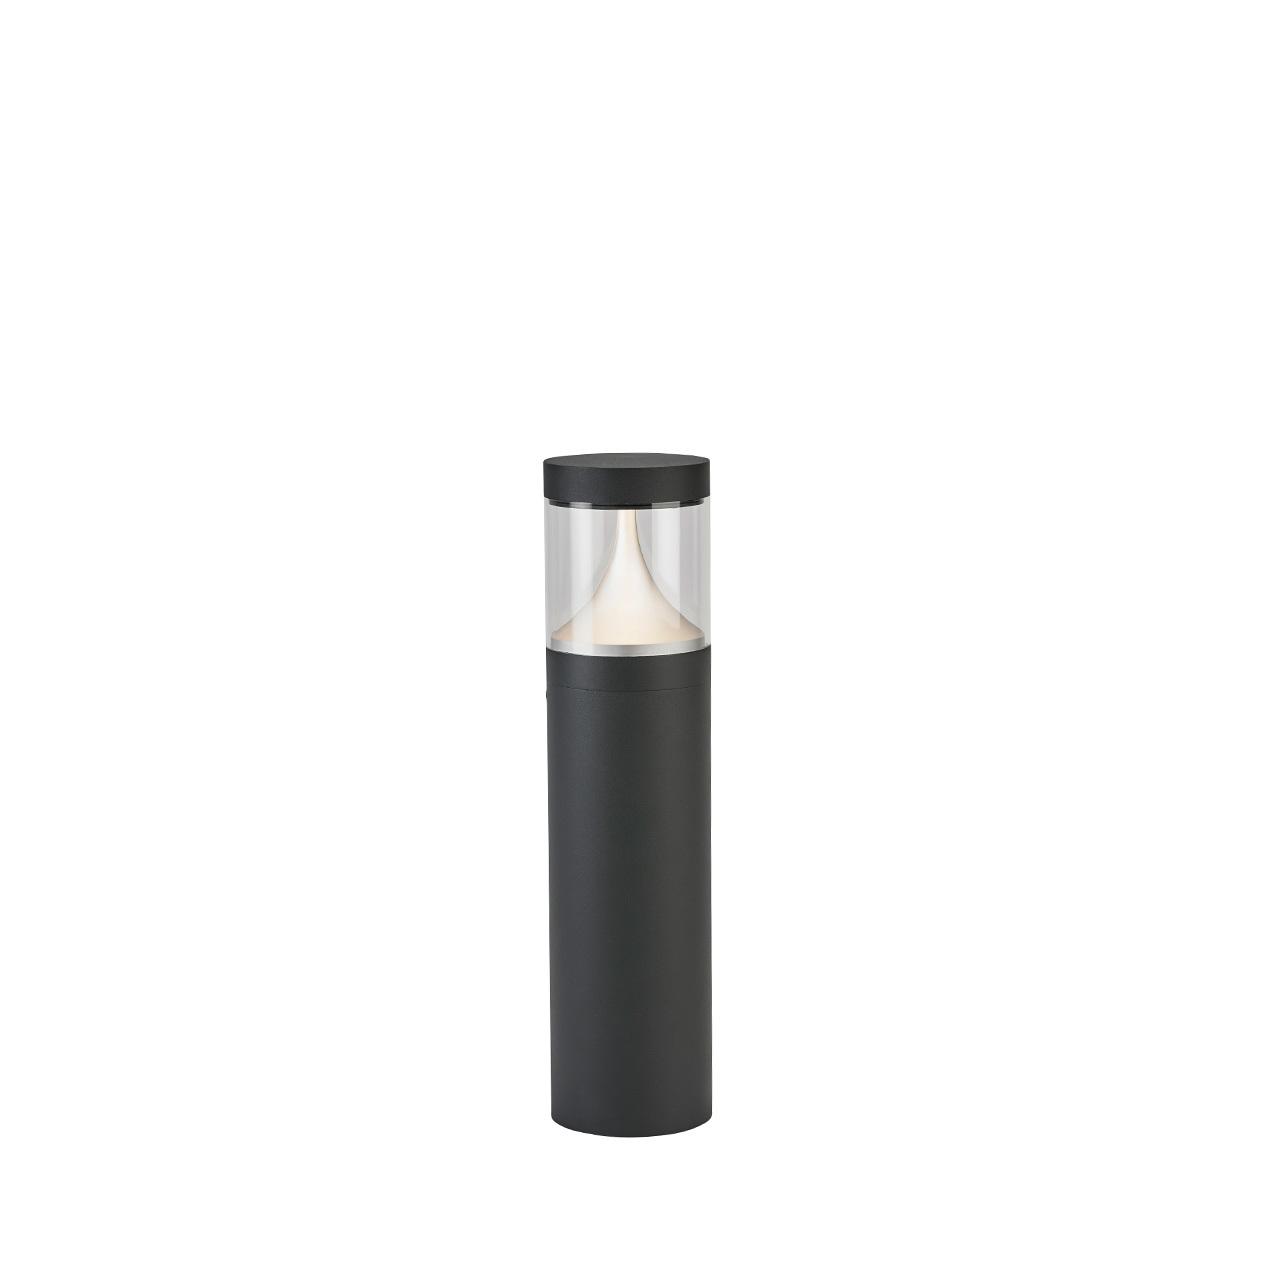 Słupek ogrodowy EGERSUND MINI 49CM LED 1291GR -Norlys  SPRAWDŹ RABATY  5-10-15-20 % w koszyku